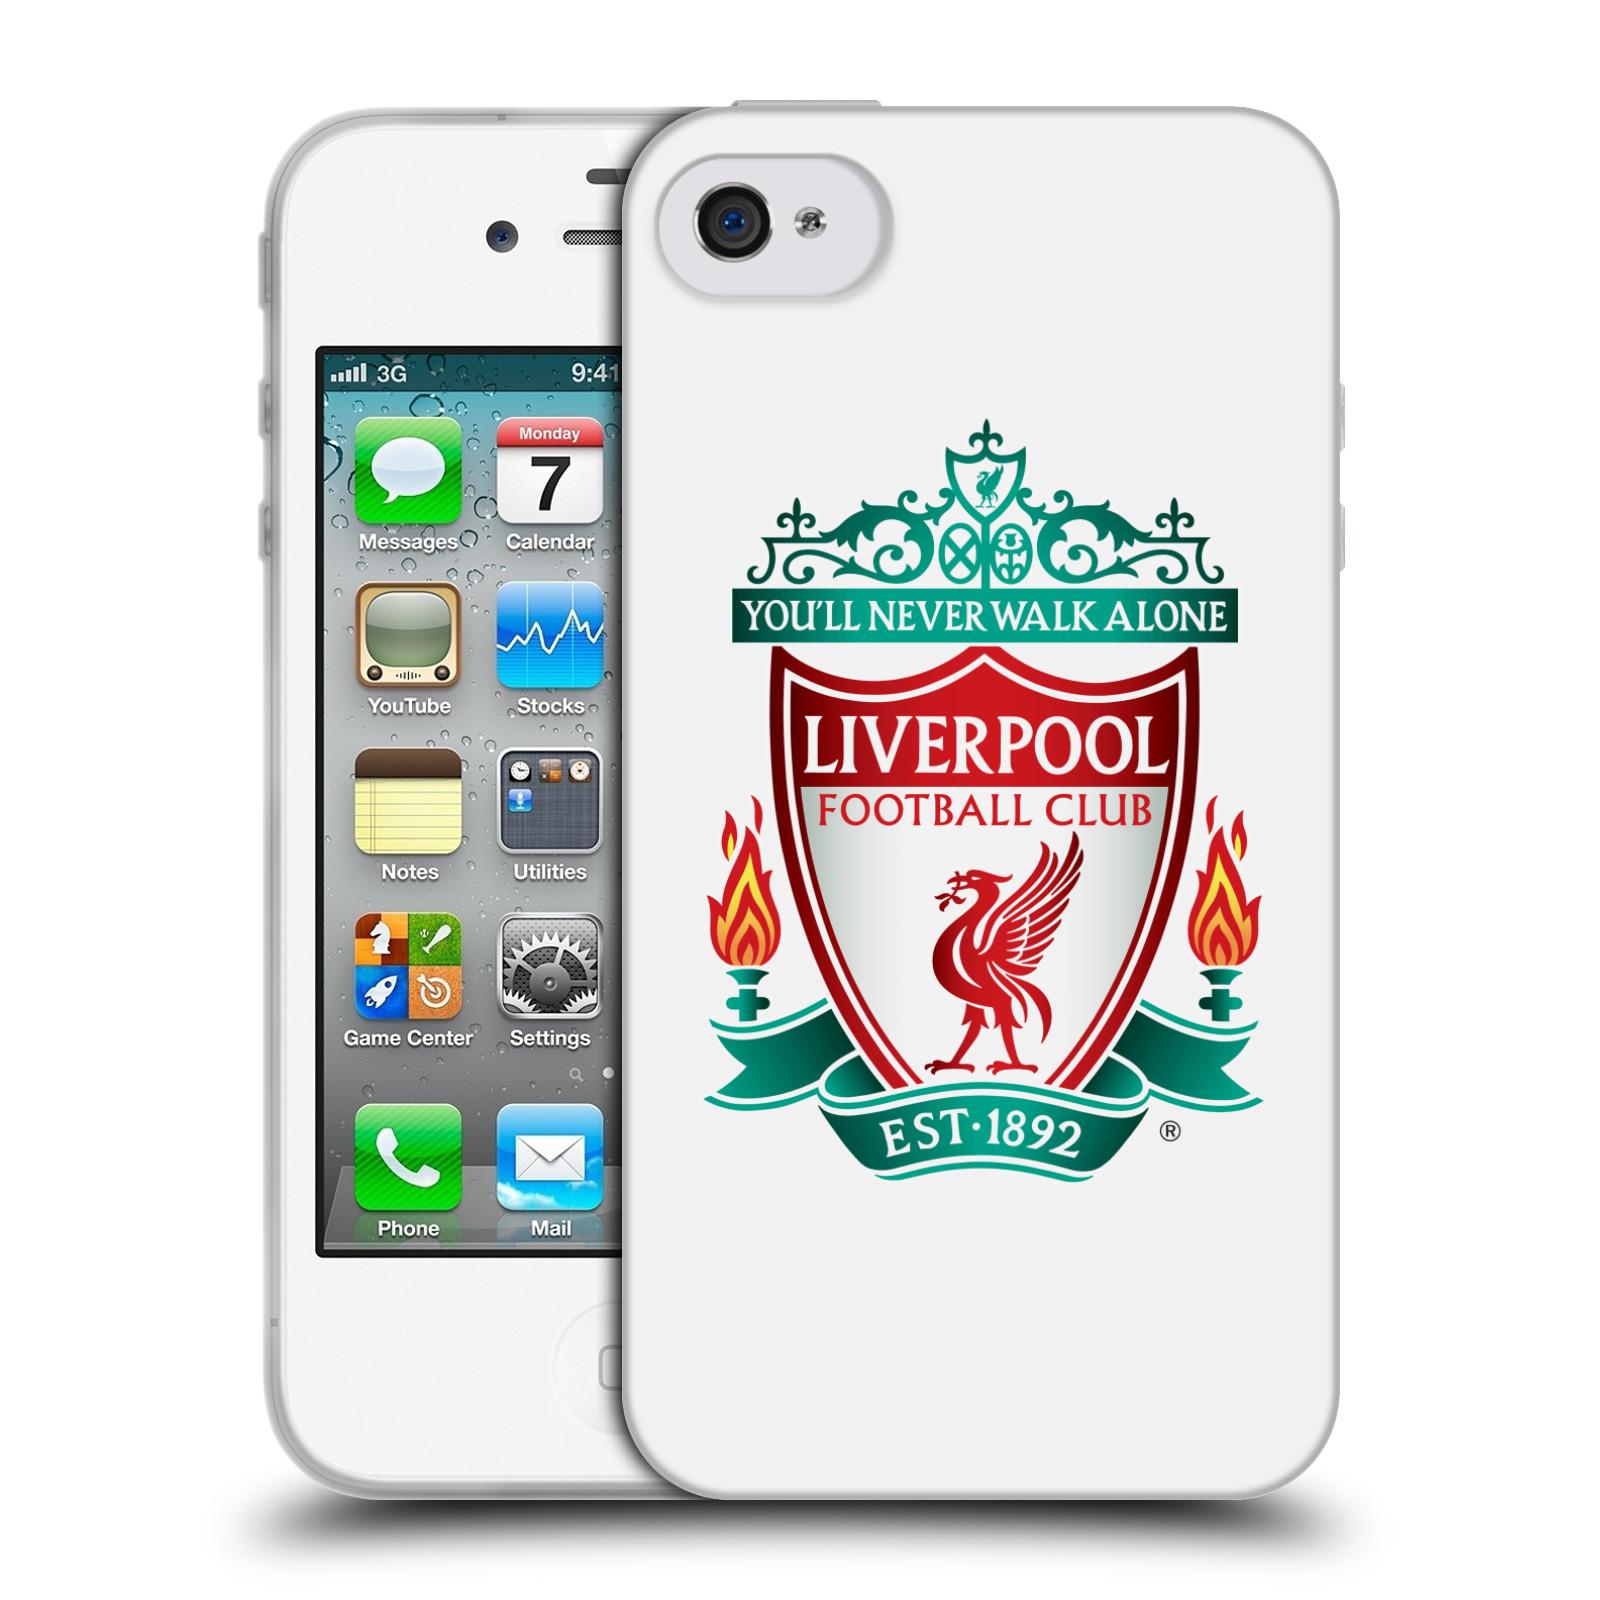 Silikonové pouzdro na mobil Apple iPhone 4 a 4S HEAD CASE ZNAK LIVERPOOL FC OFFICIAL WHITE (Silikonový kryt či obal na mobilní telefon Liverpool FC Official pro Apple iPhone 4 a 4S)